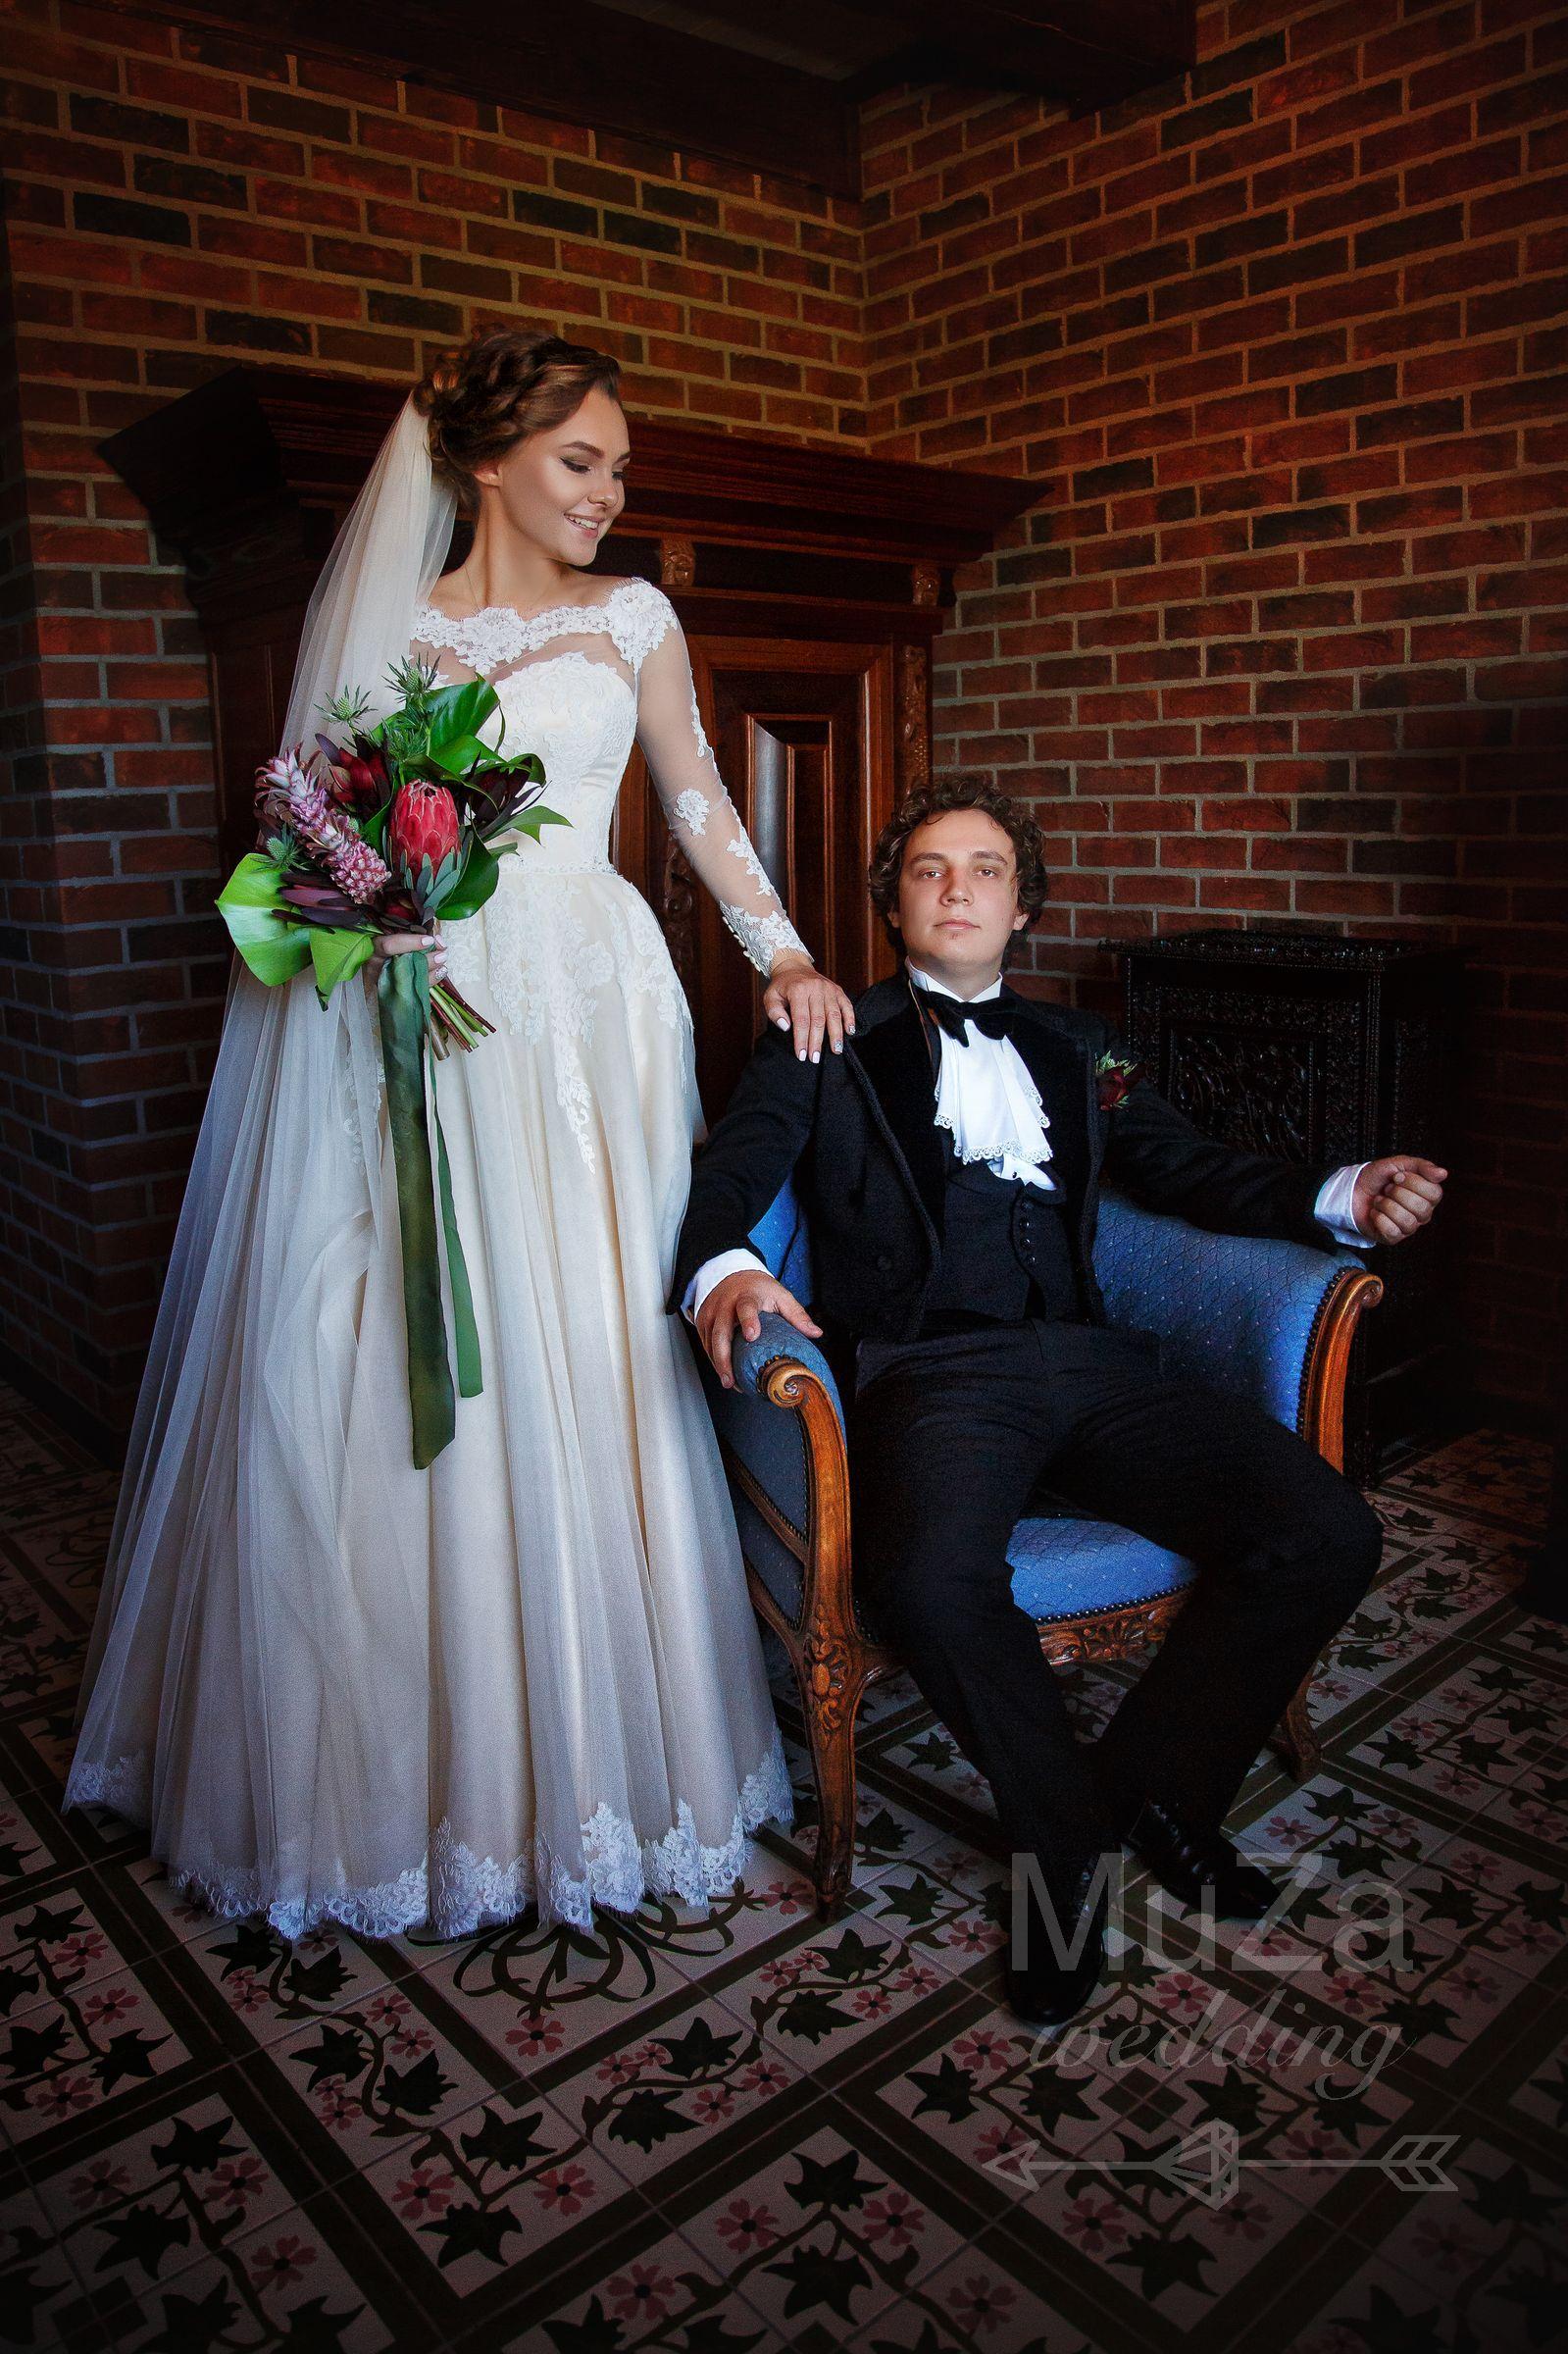 классическое фото жениха и невесты